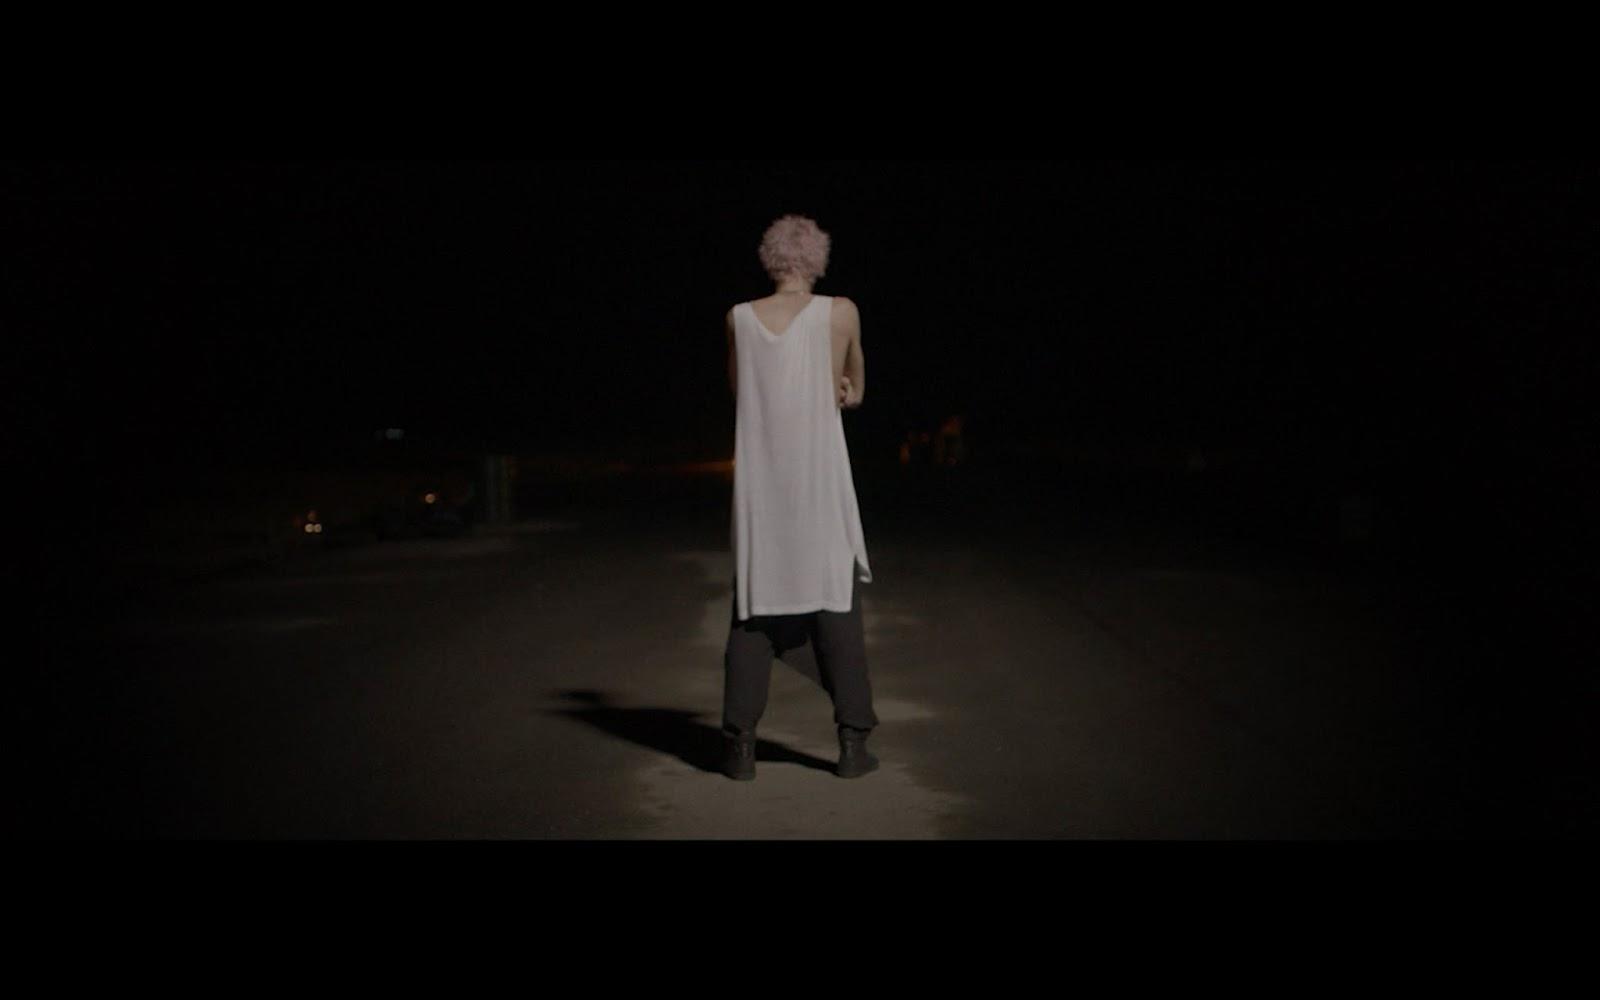 Sem dizer uma palavra, vídeo da Skol traz poderosa mensagem sobre orgulho LGBT